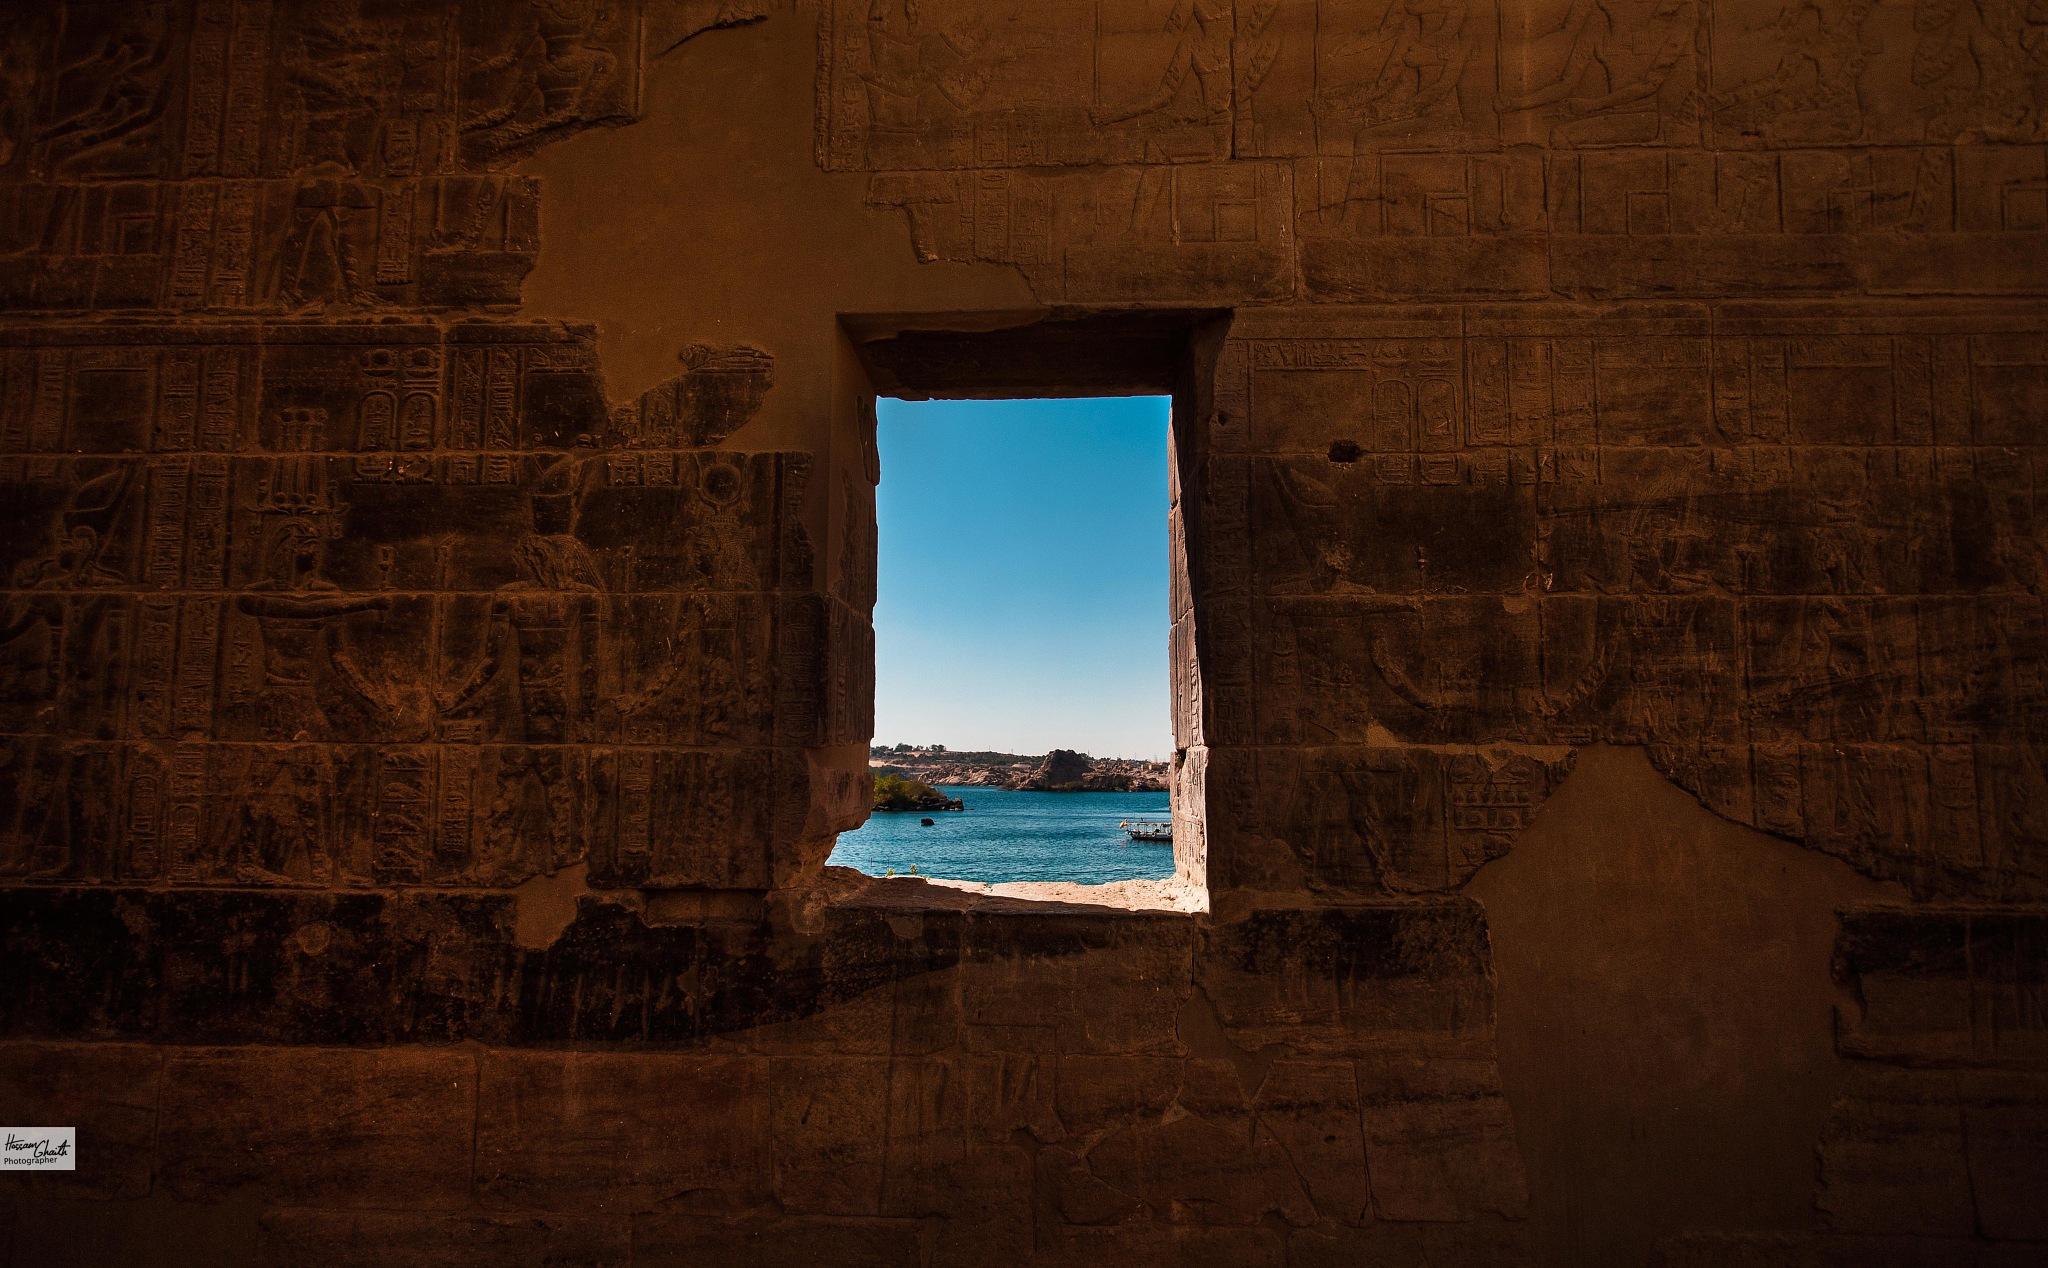 Philae Temple by Hossam Ahmed Ghaith